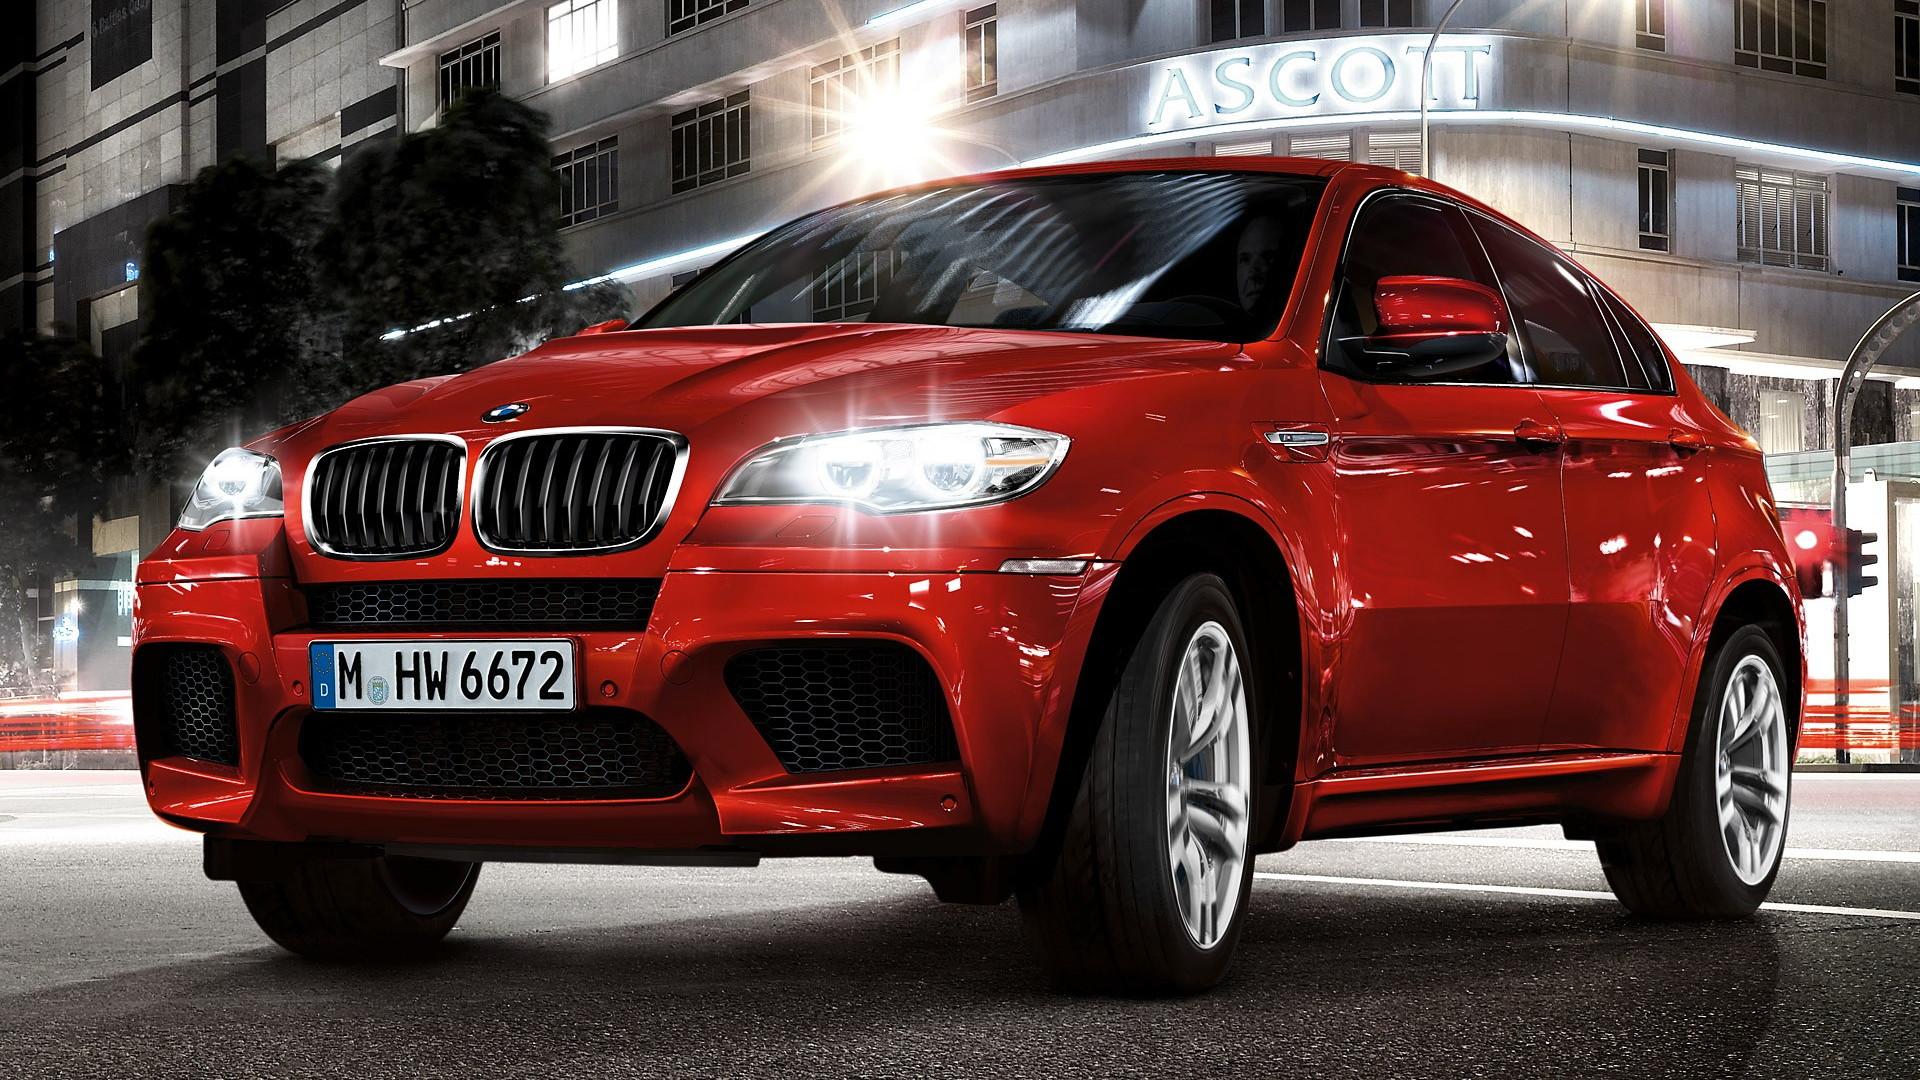 2013 BMW X6 M